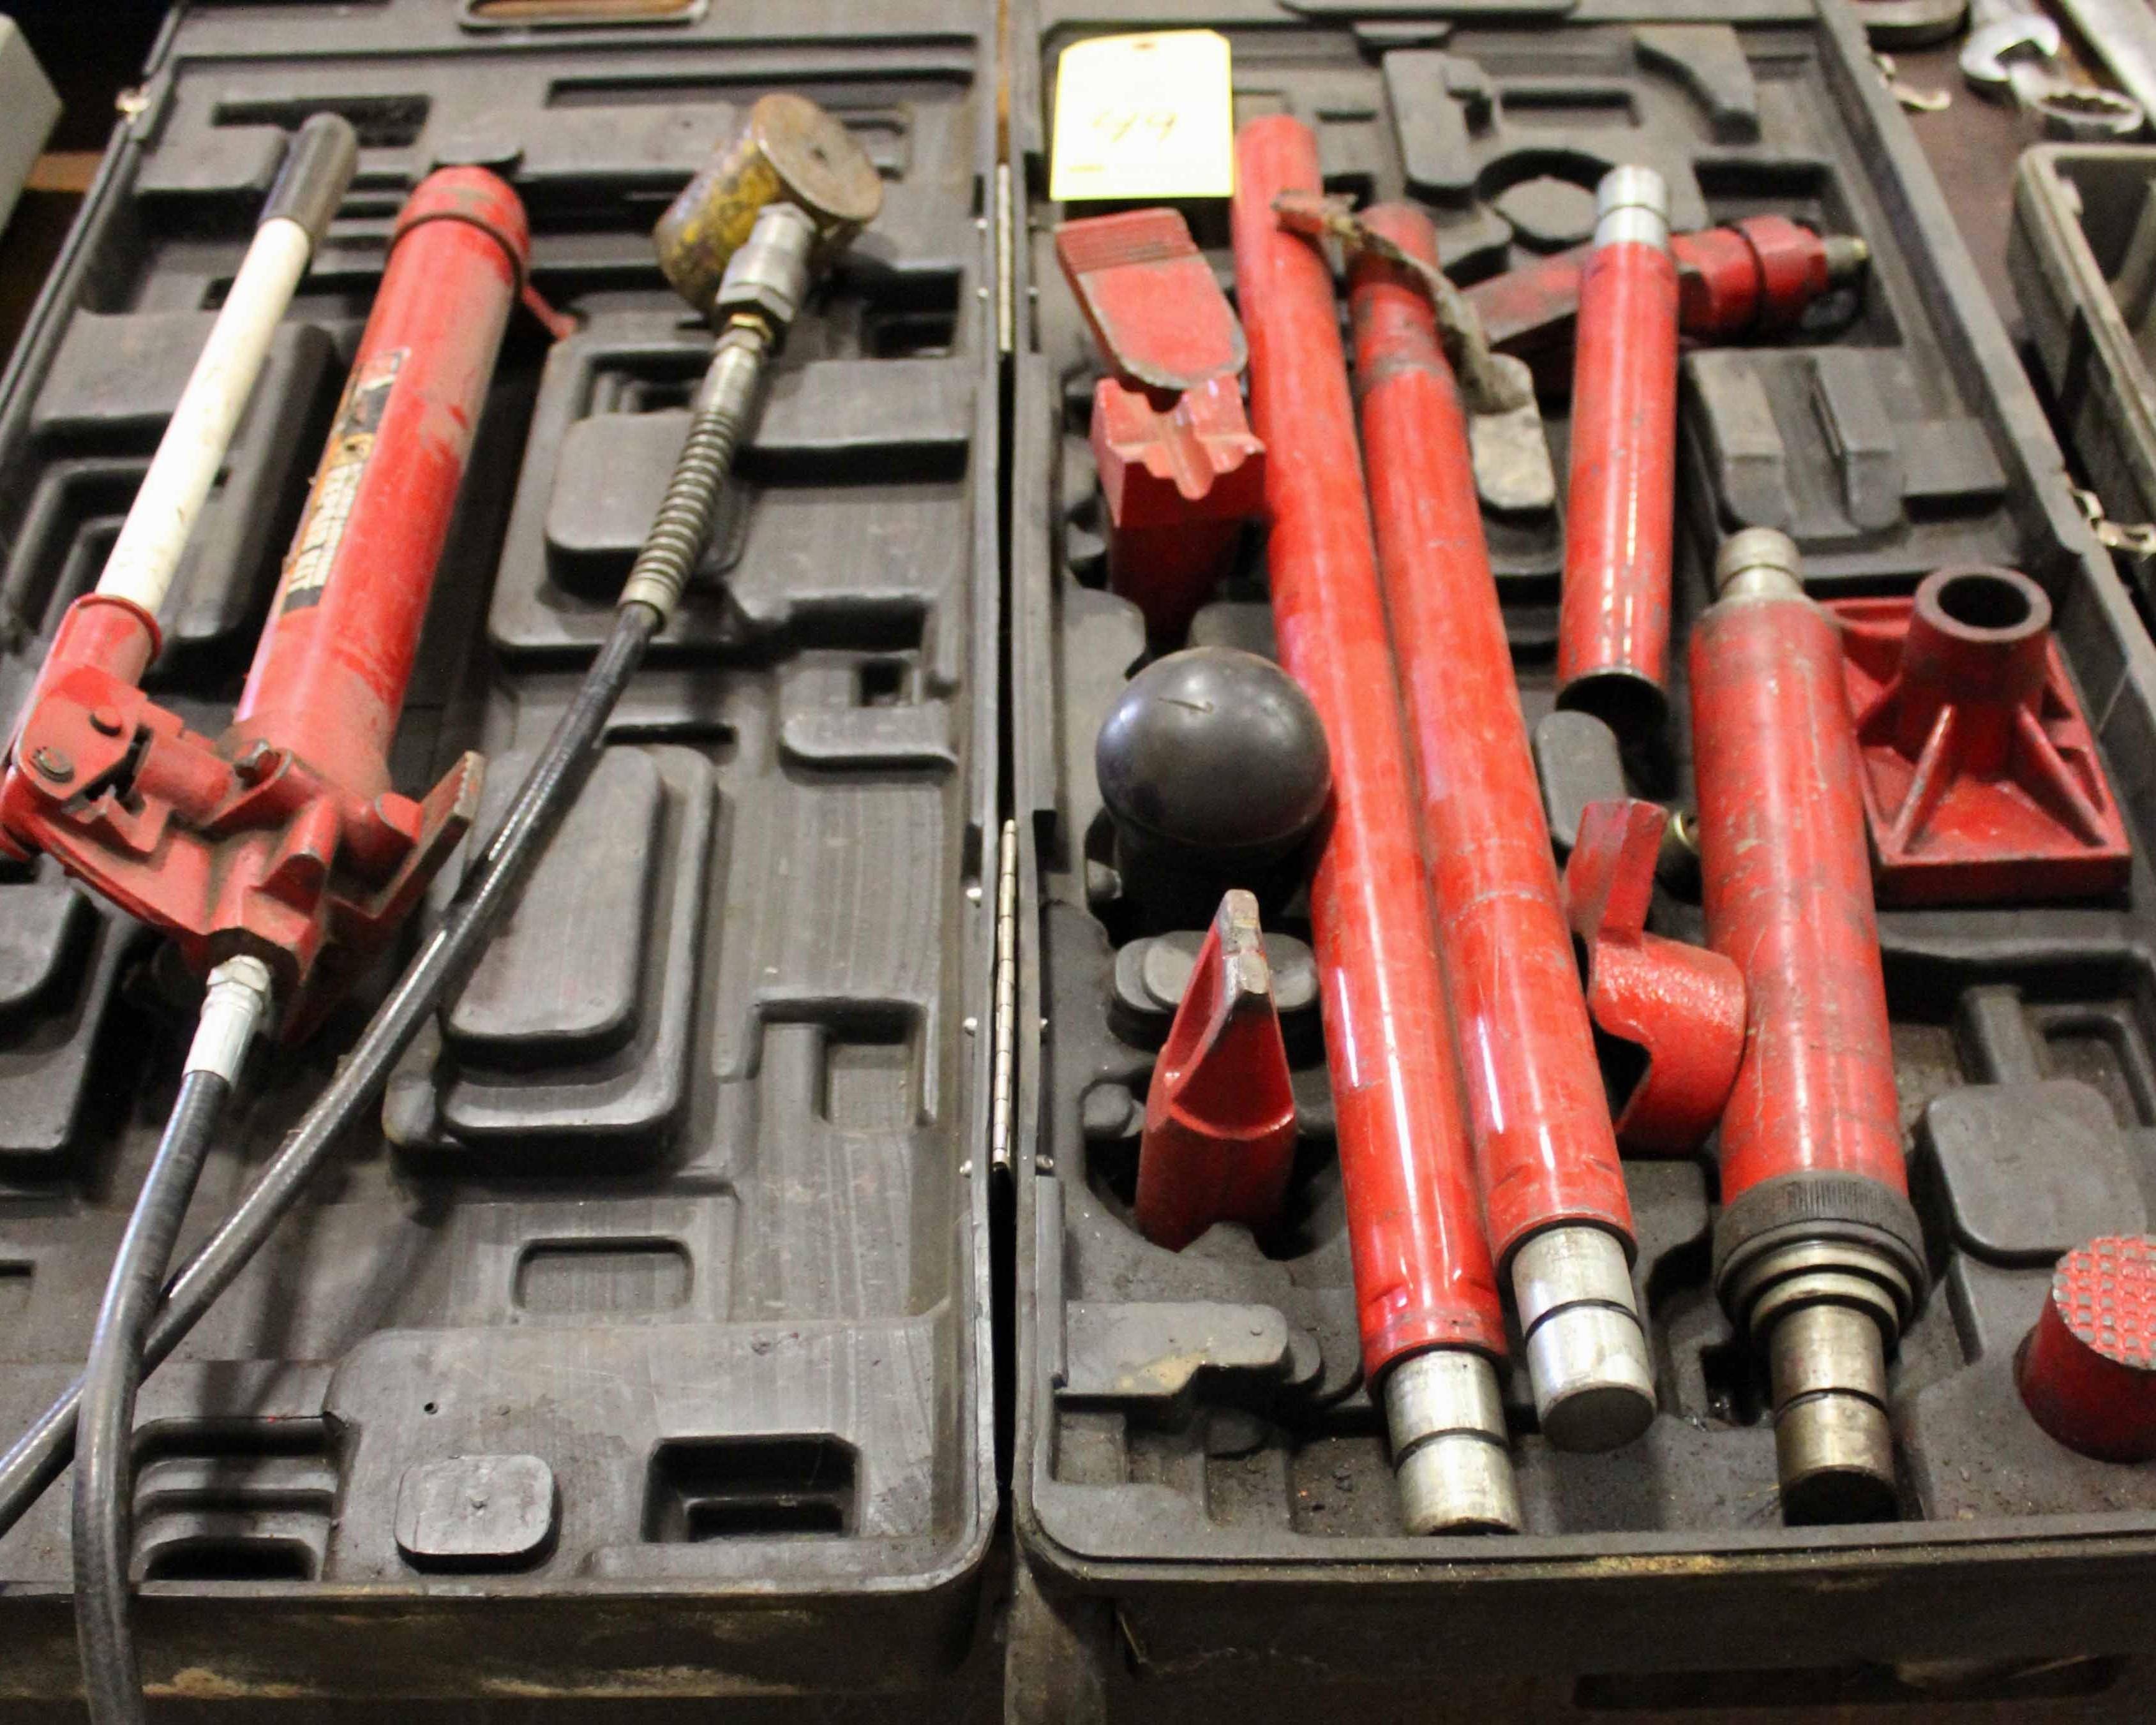 Lot 49 - PORTA POWER, TORIN BIG RED 10 T. CAP. MDL. T71001L